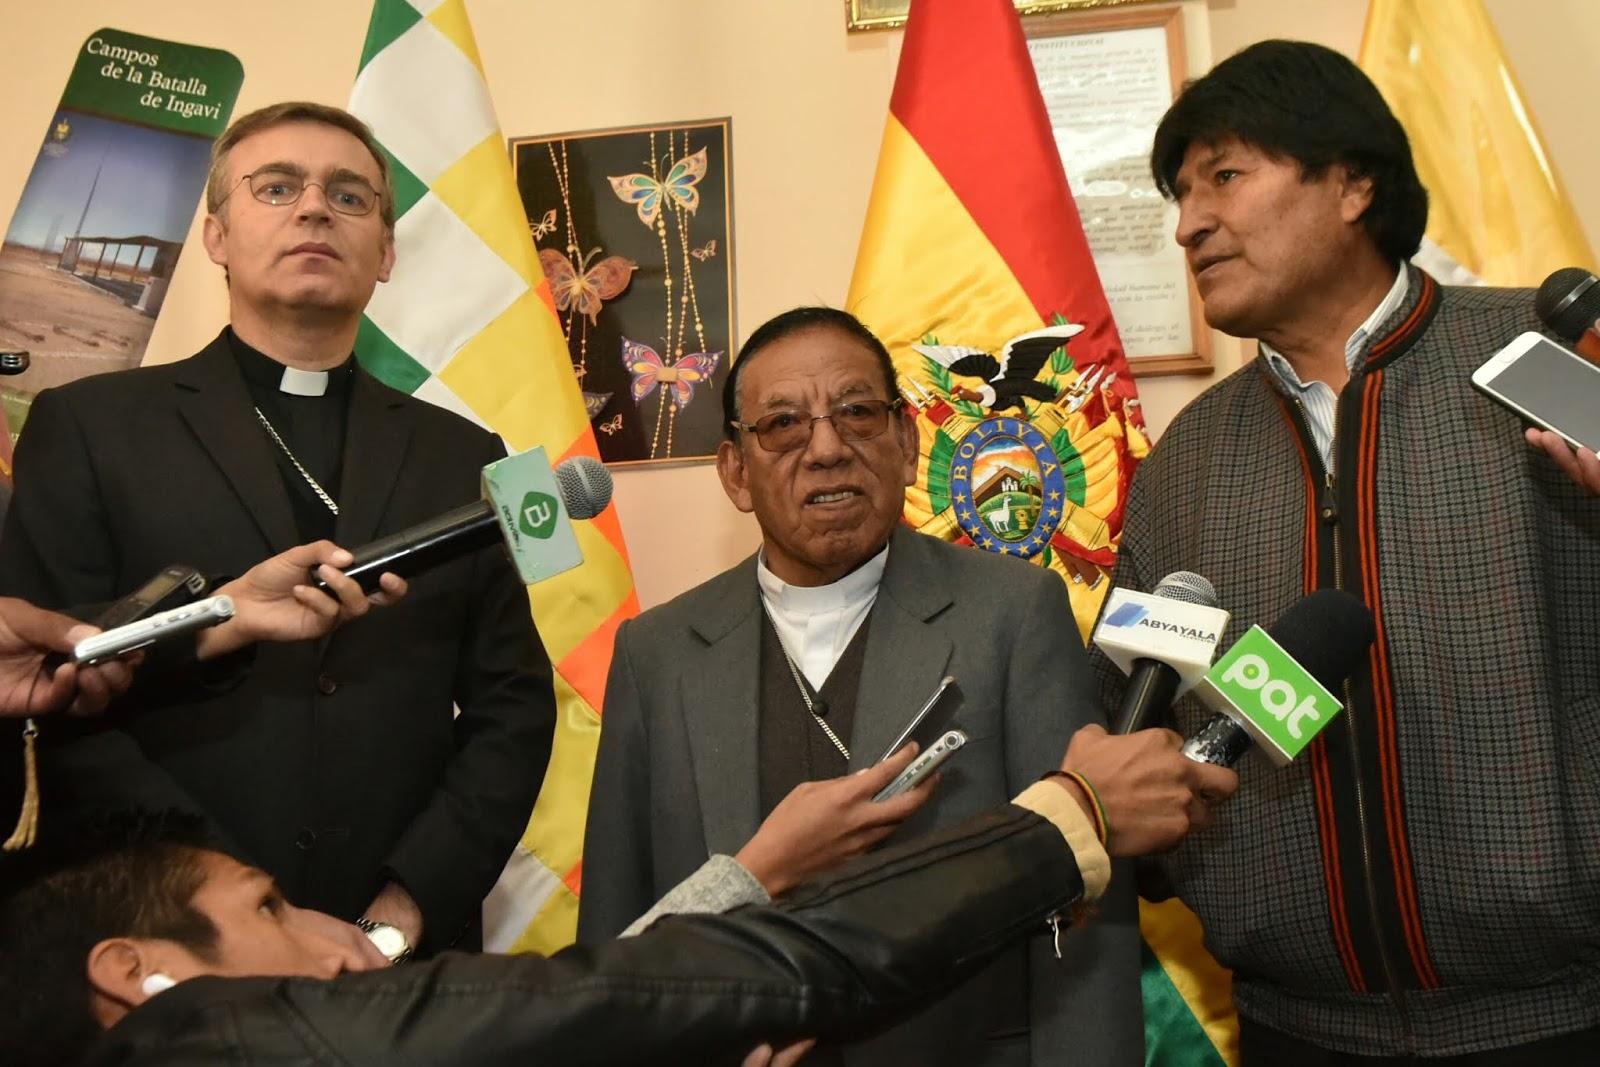 Cardenal Ticona reitera que tiene amistad con el mandatario Morales / ABI